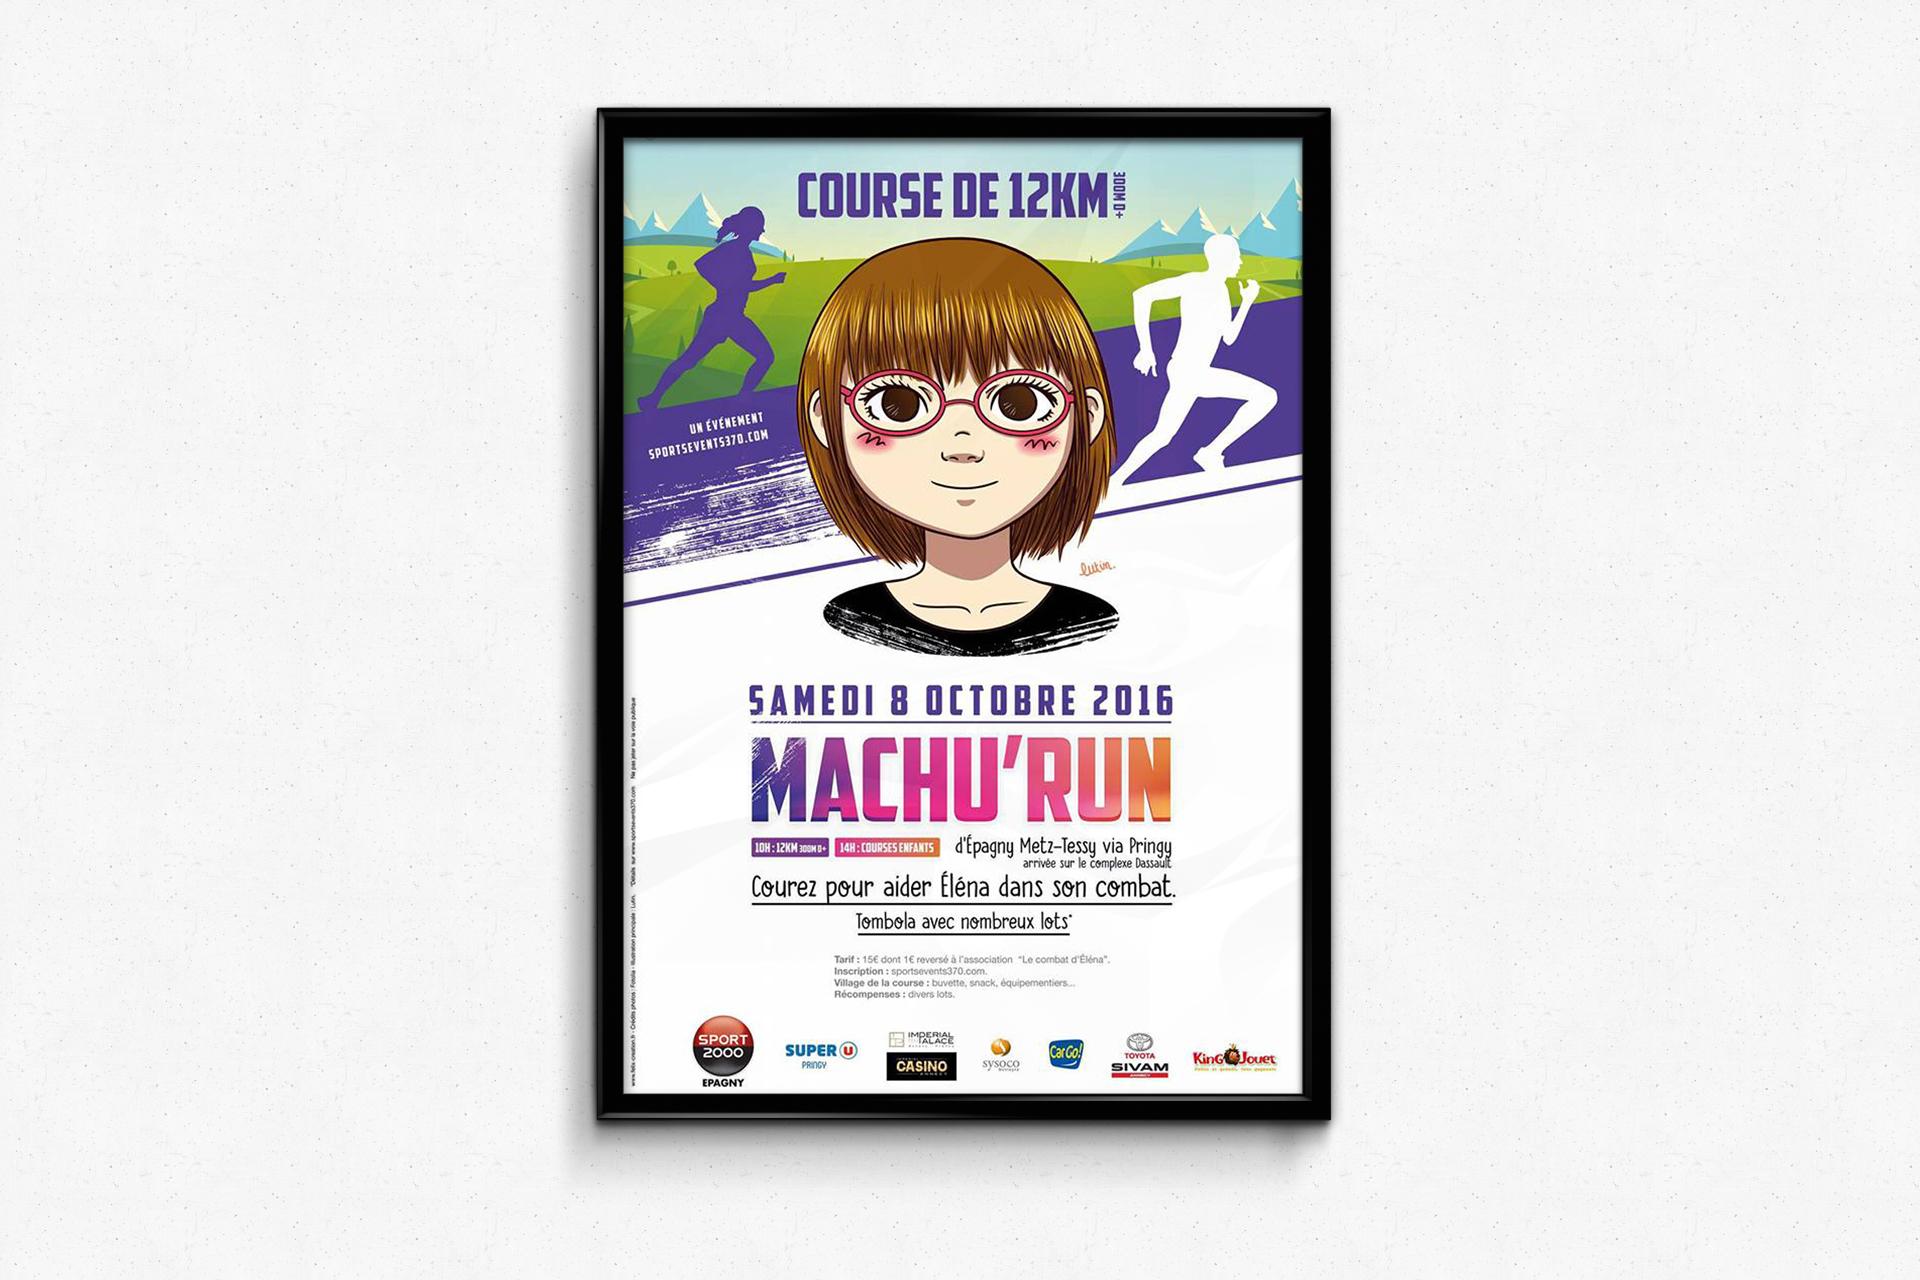 Affiche Machu'run